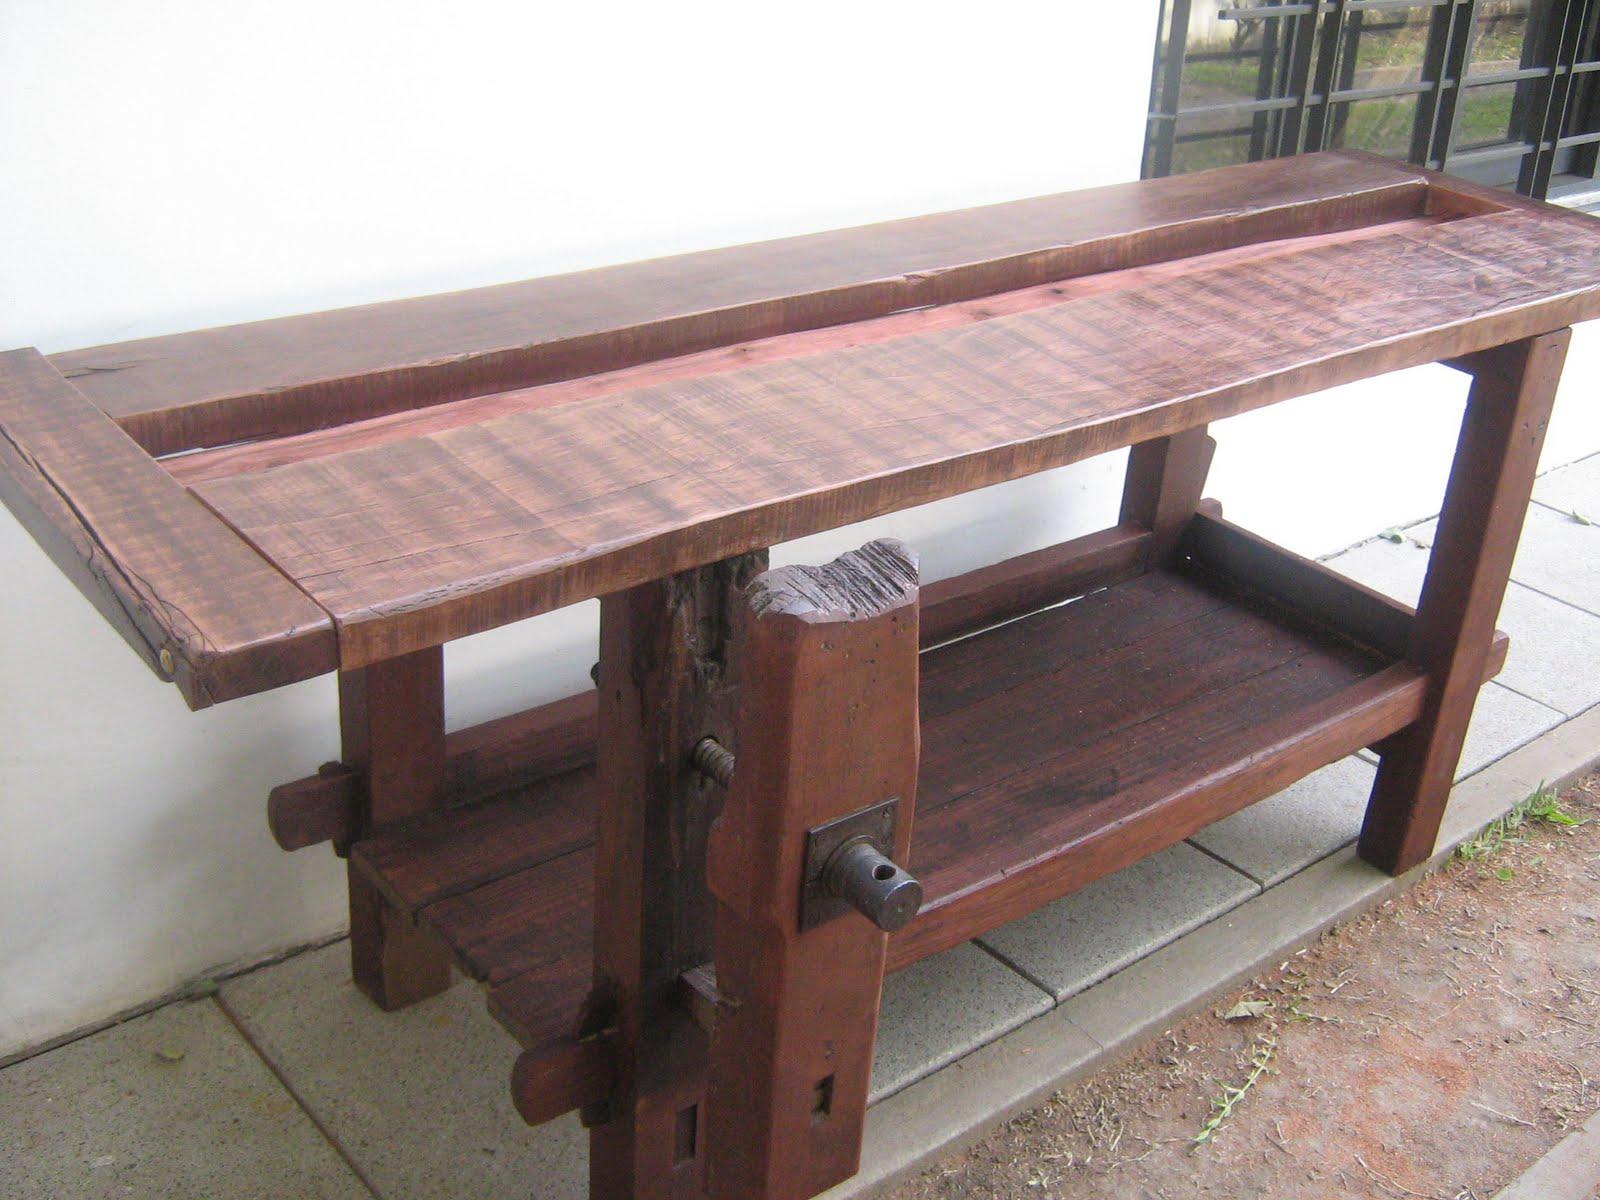 Muebles de madera de quebracho muebles rusticos mesas y - Muebles de madera rusticos ...